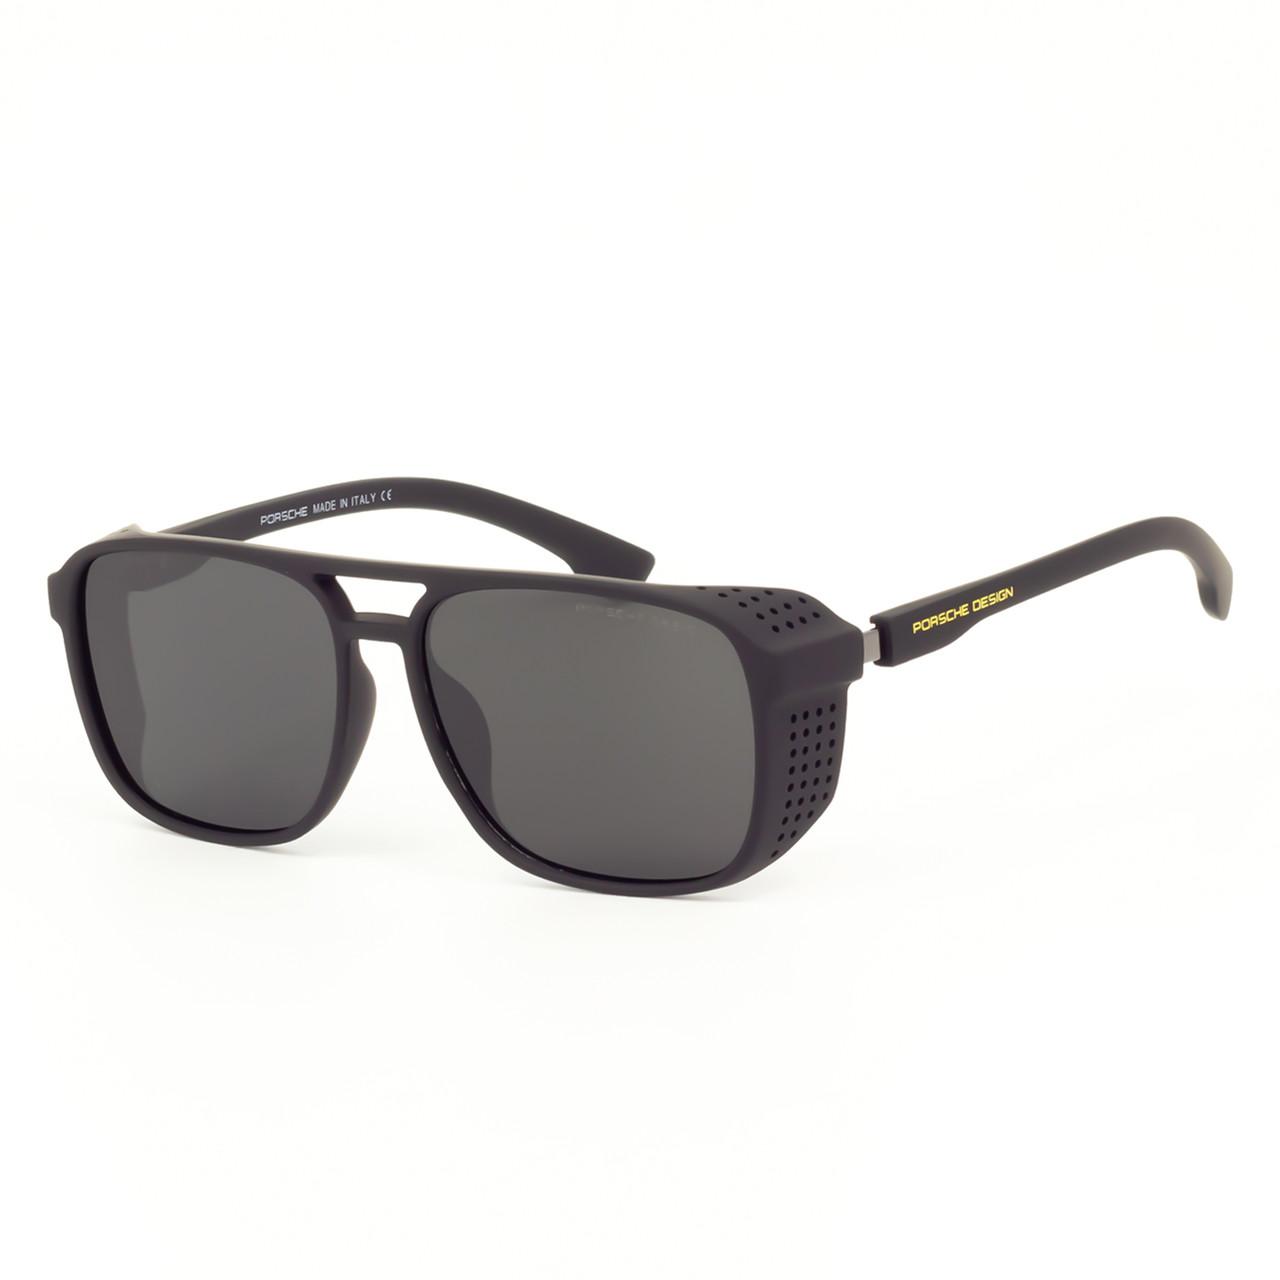 Сонцезахисні окуляри Porsche RP1845 C2 чорні матові ( RP1845-02 )